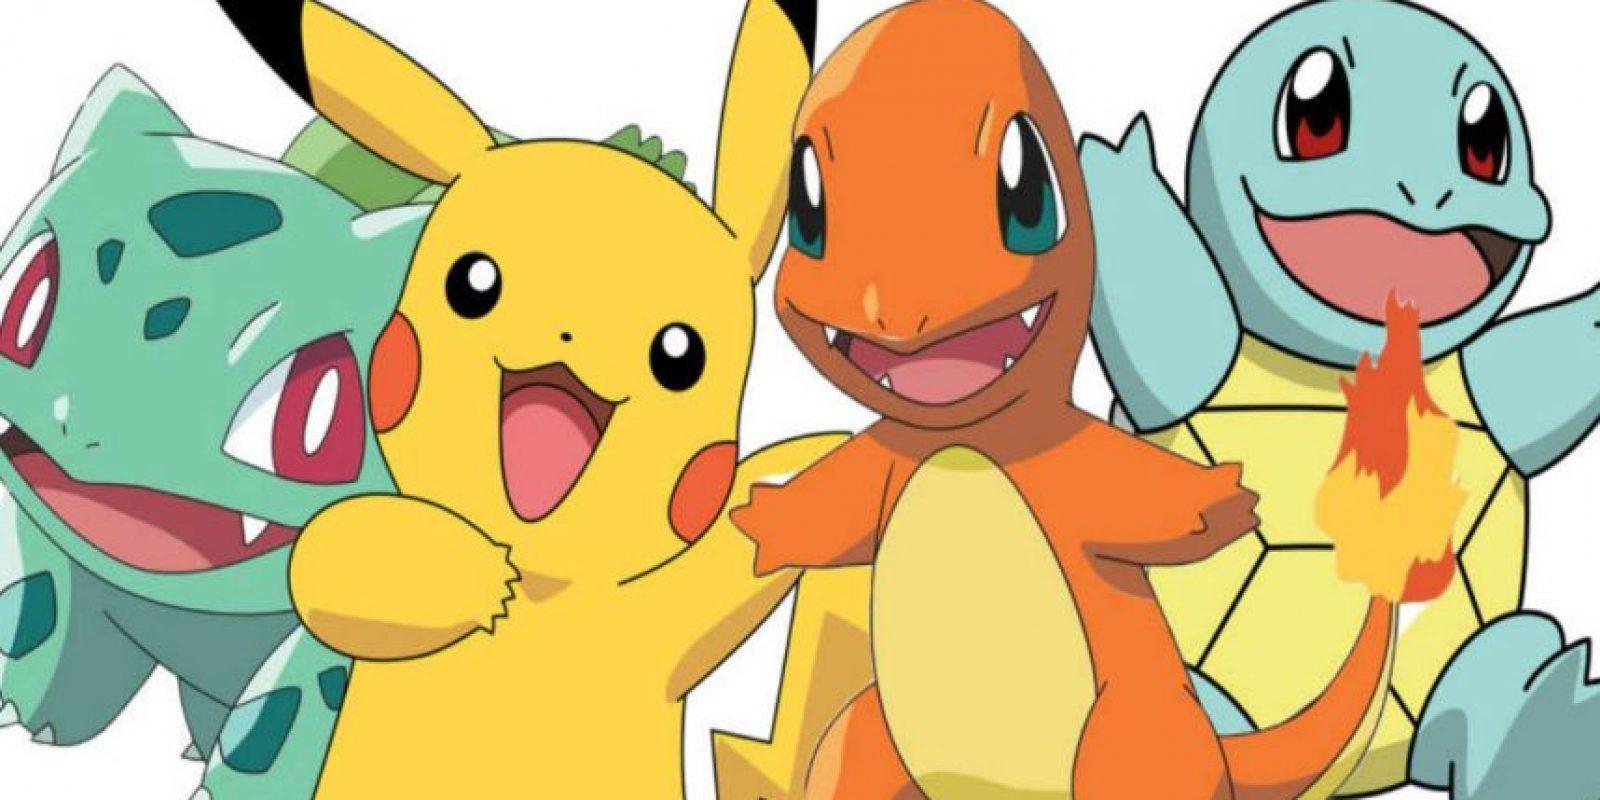 ¿Agua, eléctrico o fuego? ¿Cuál es su tipo preferido? Foto:Pokémon Go